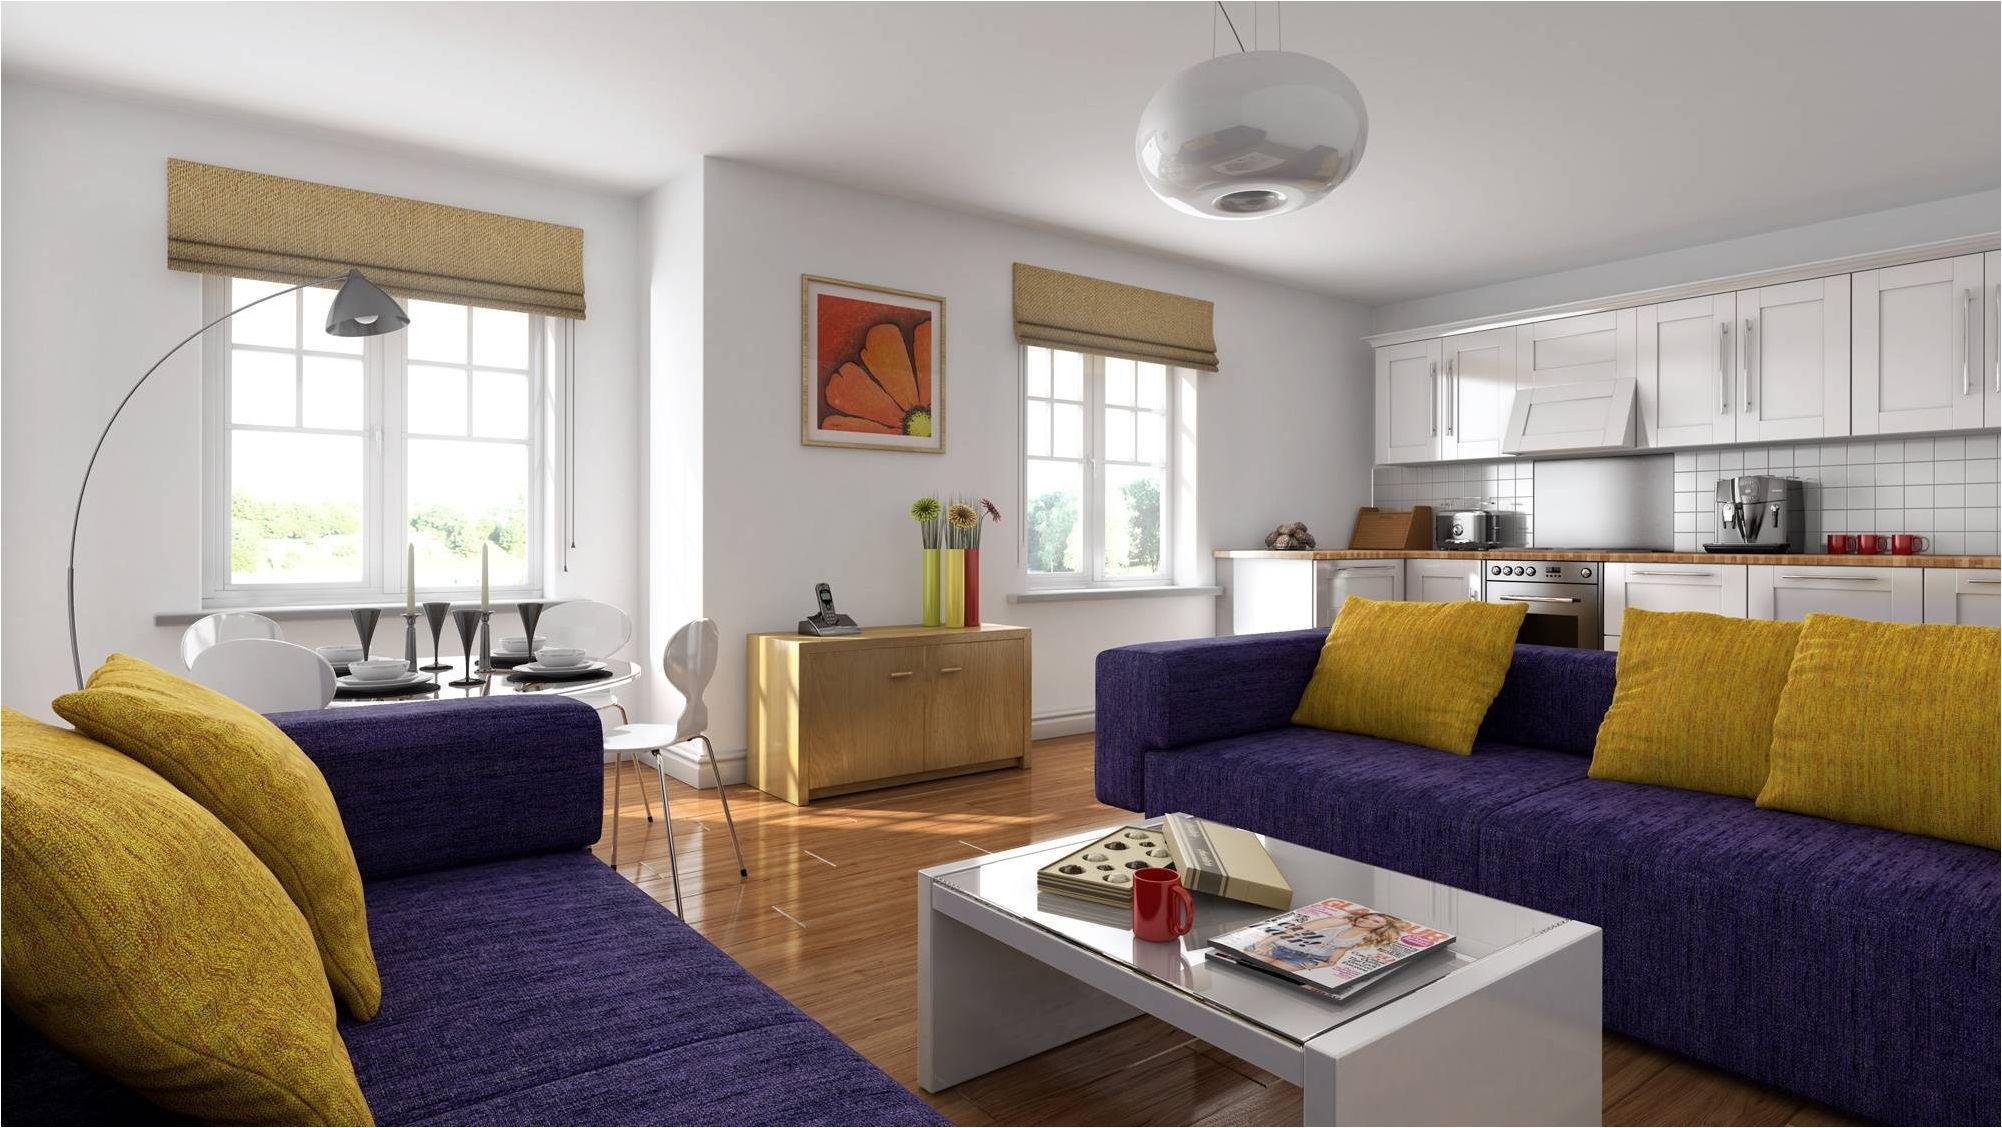 зониране с две сини дивани